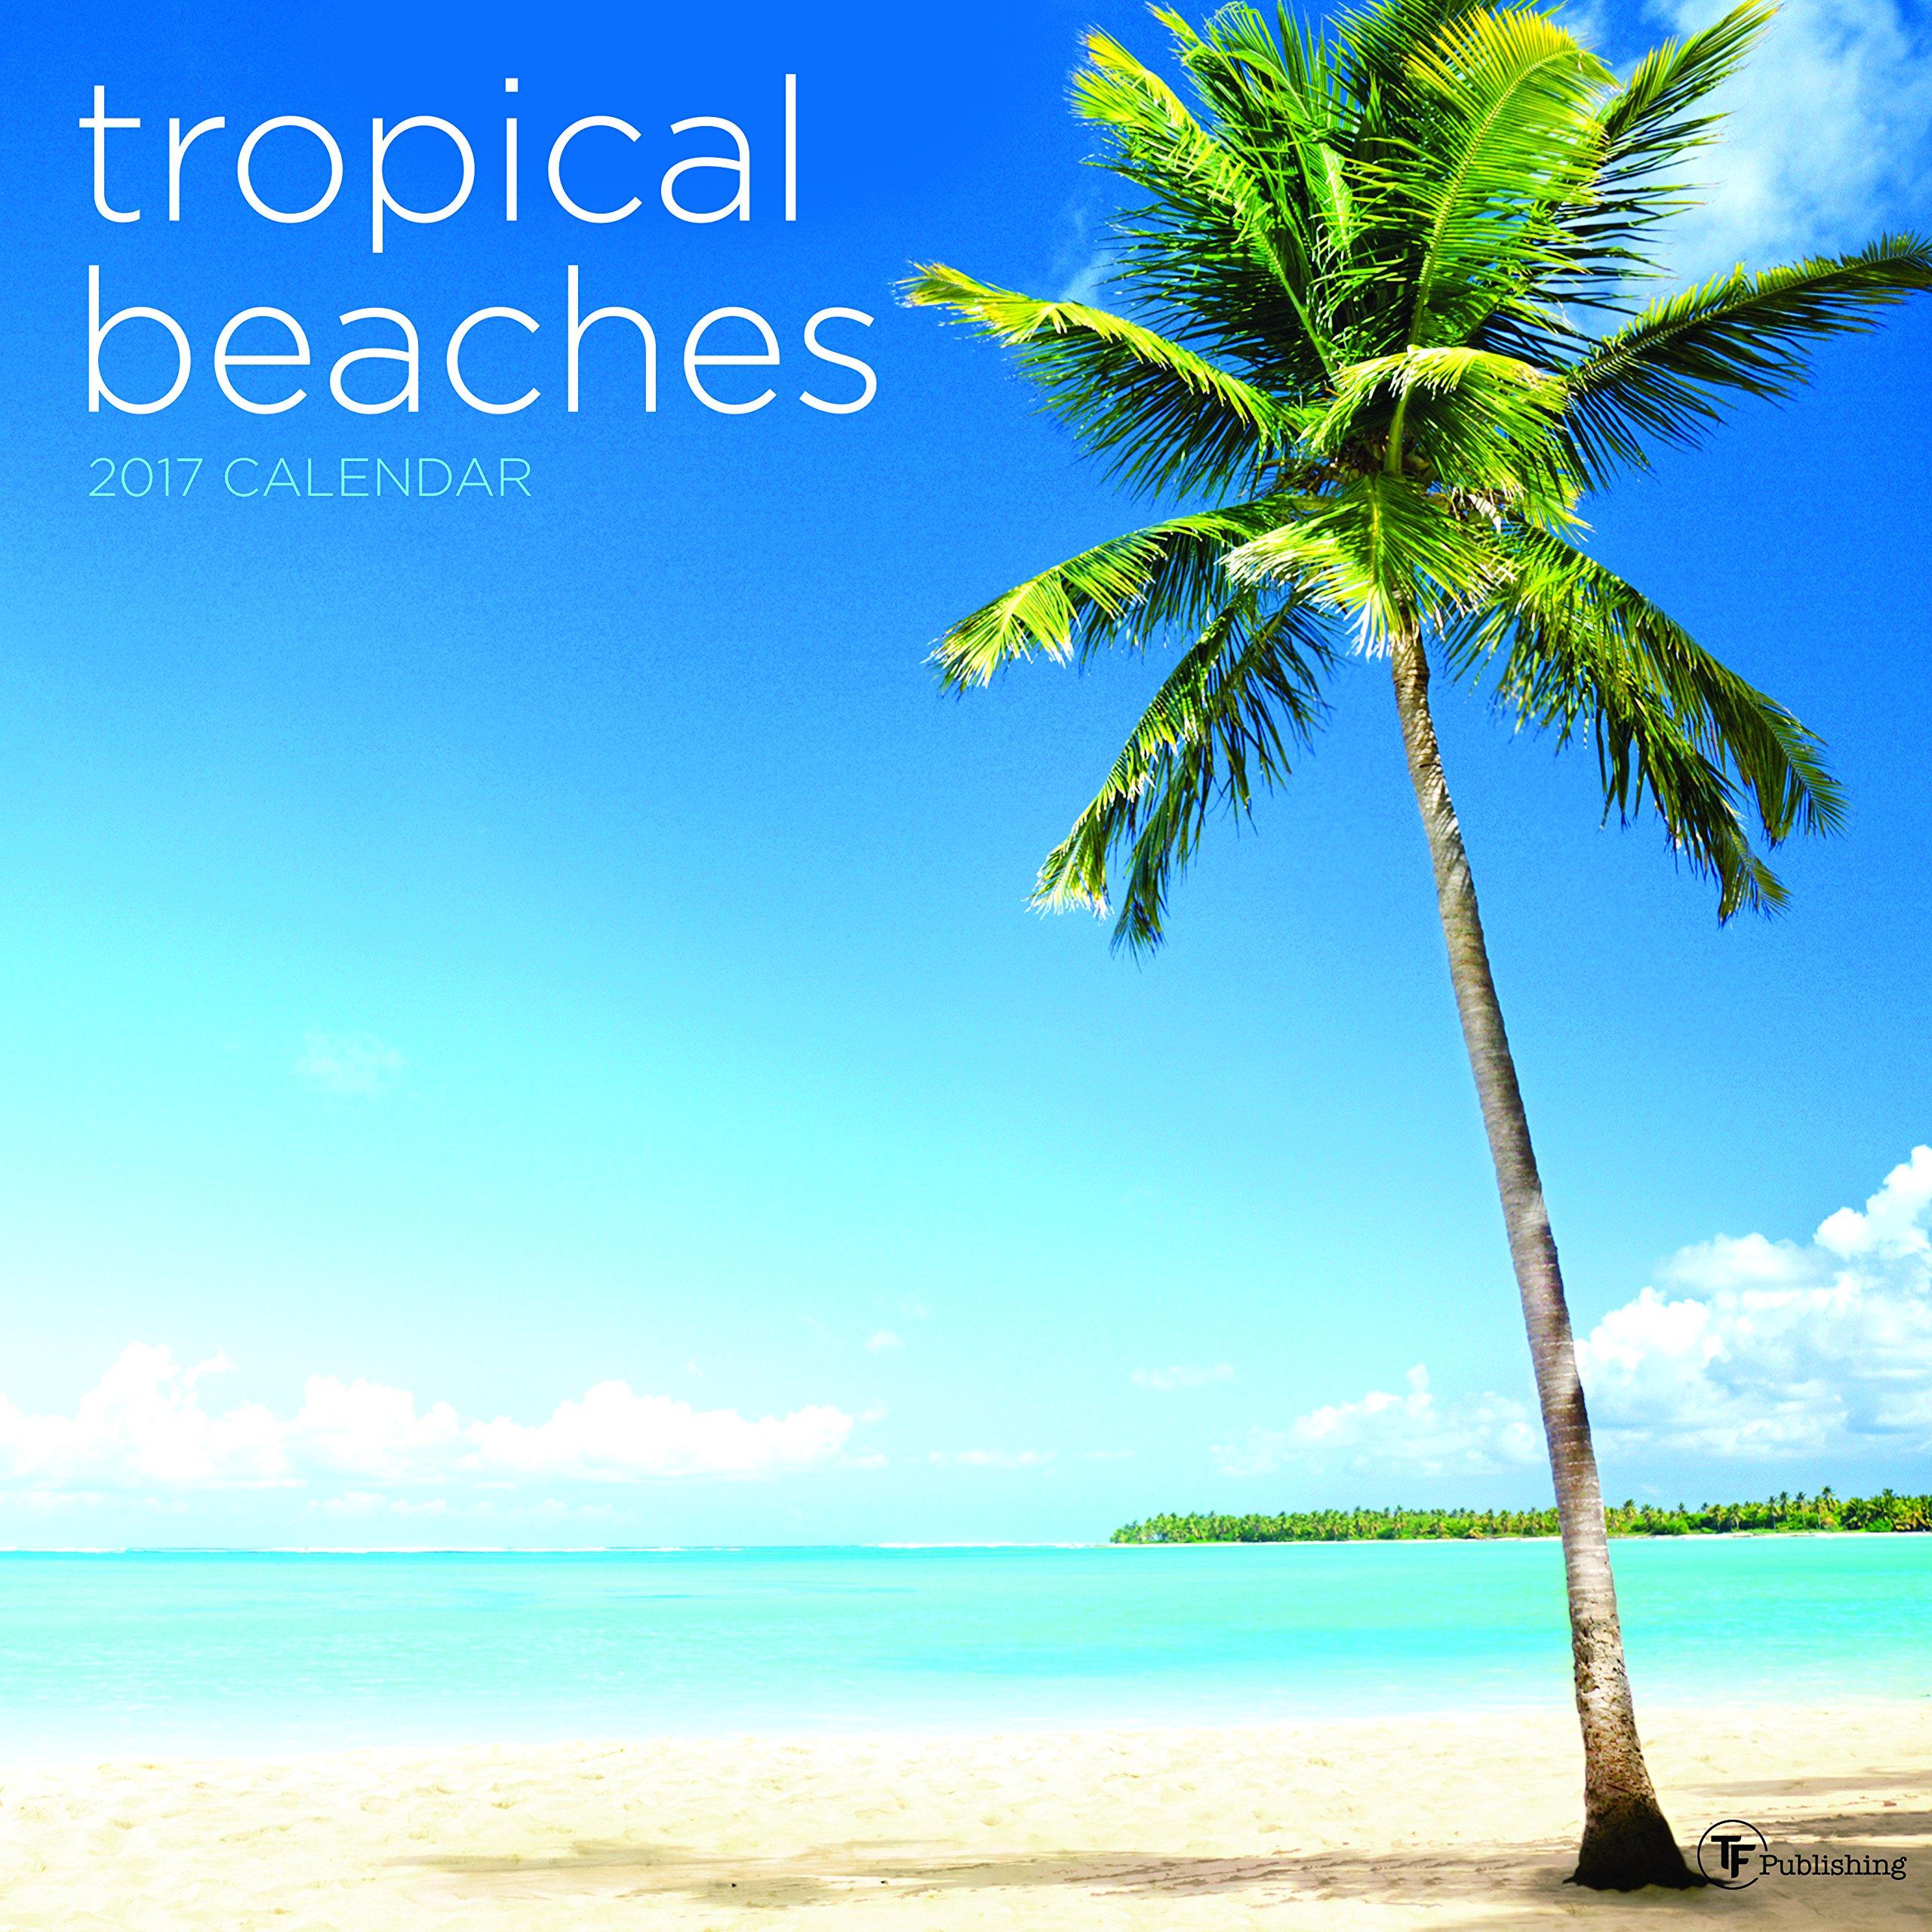 Tropical Beaches: Pics Of Tropical Beaches